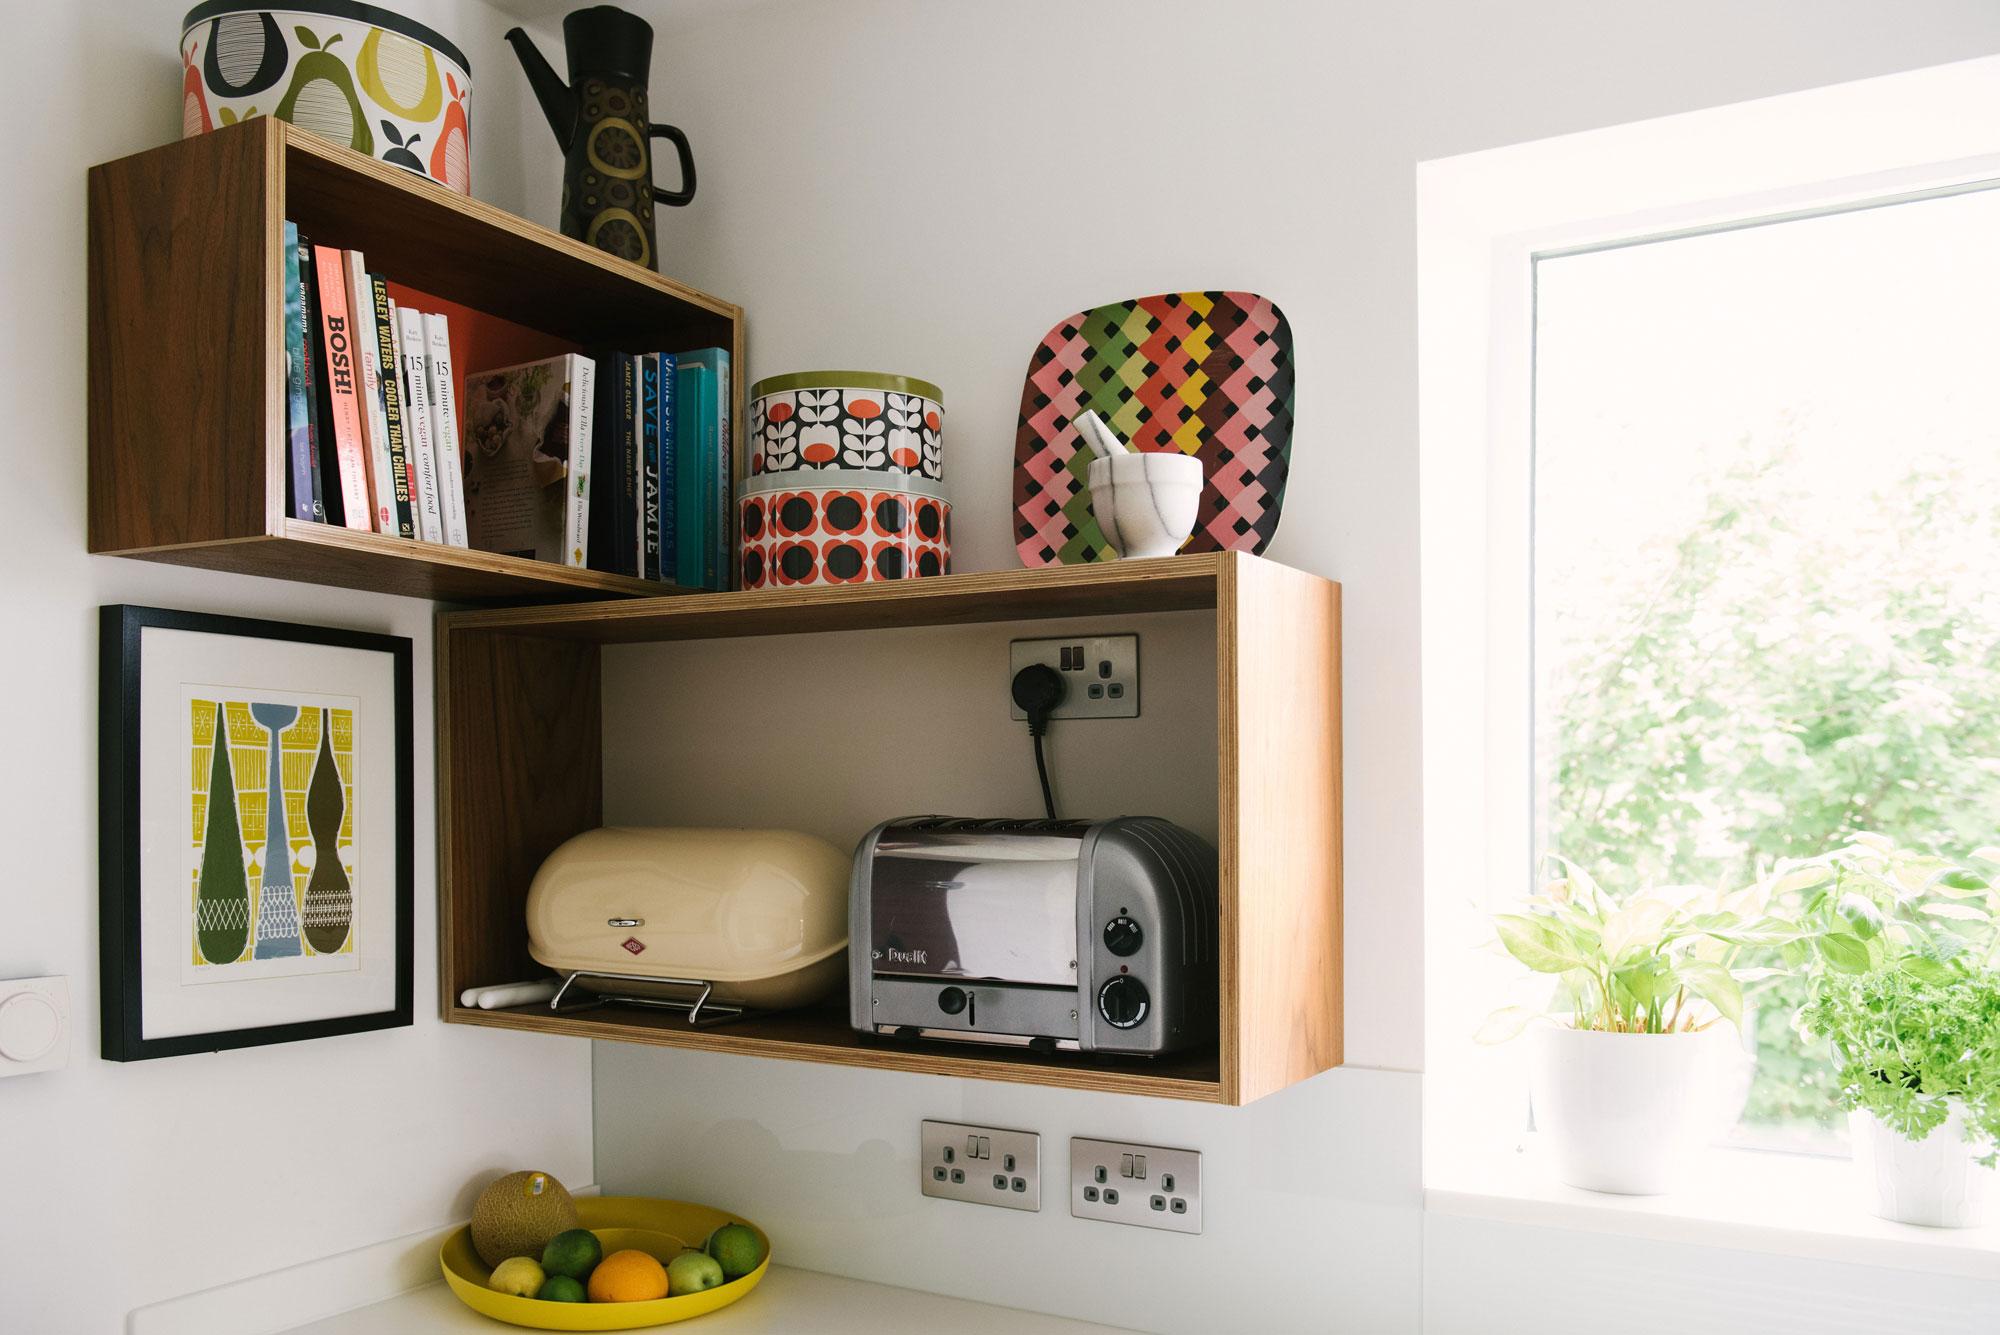 Mid Century Style Open Kitchen Shelving